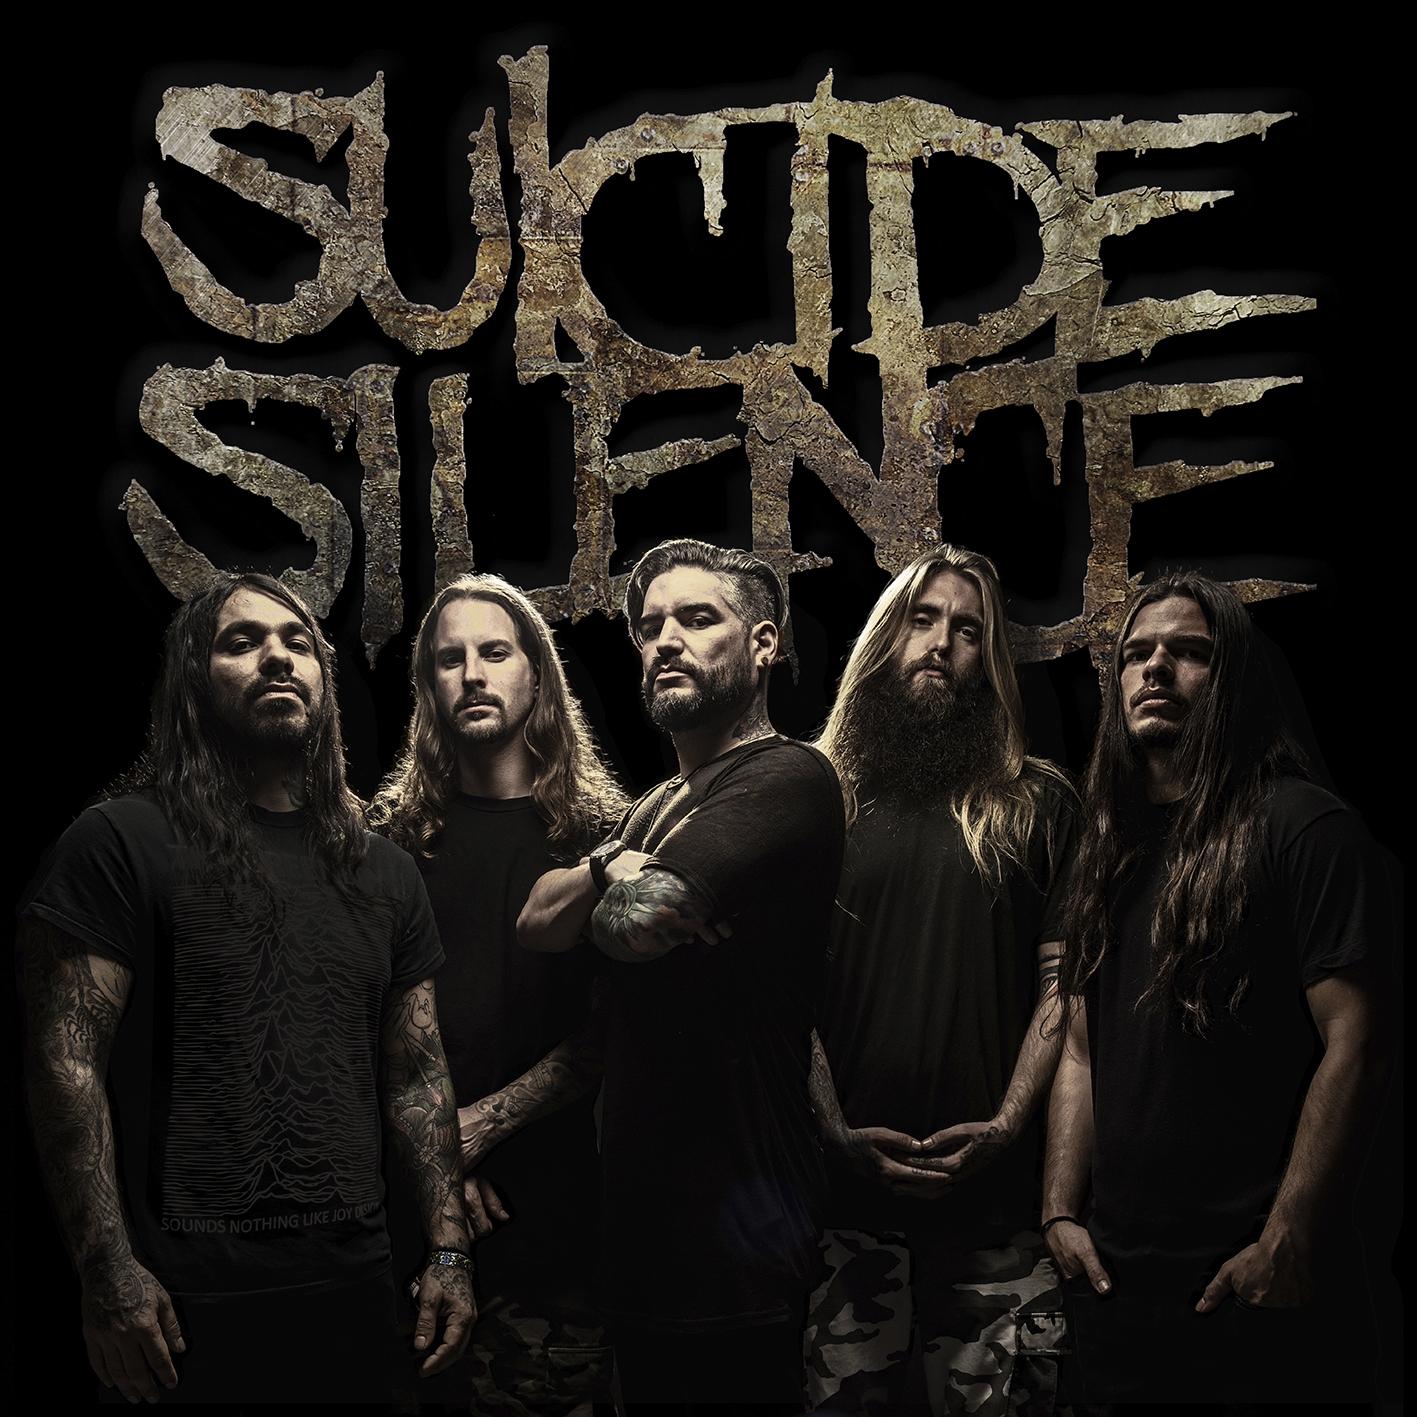 Suicide Silence- Suicide Silence